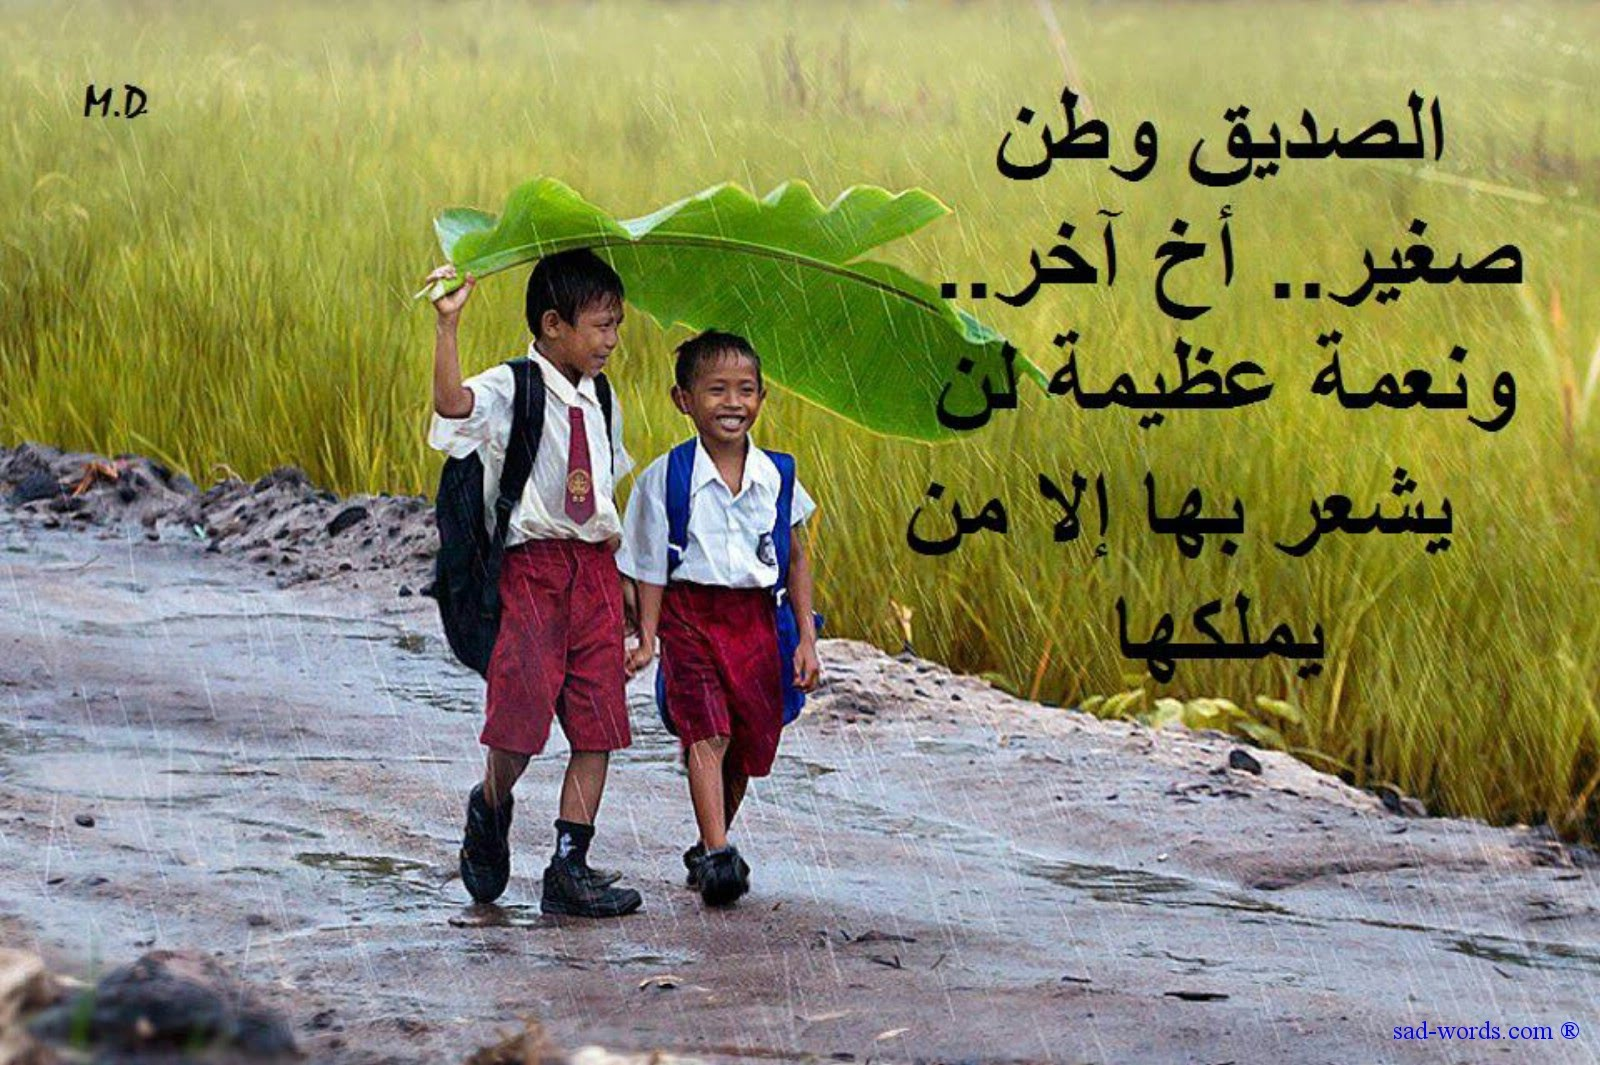 اجمل كلام في الصداقة عبارات عن الصديق الوفي تستحق القراءة اجمل بنات